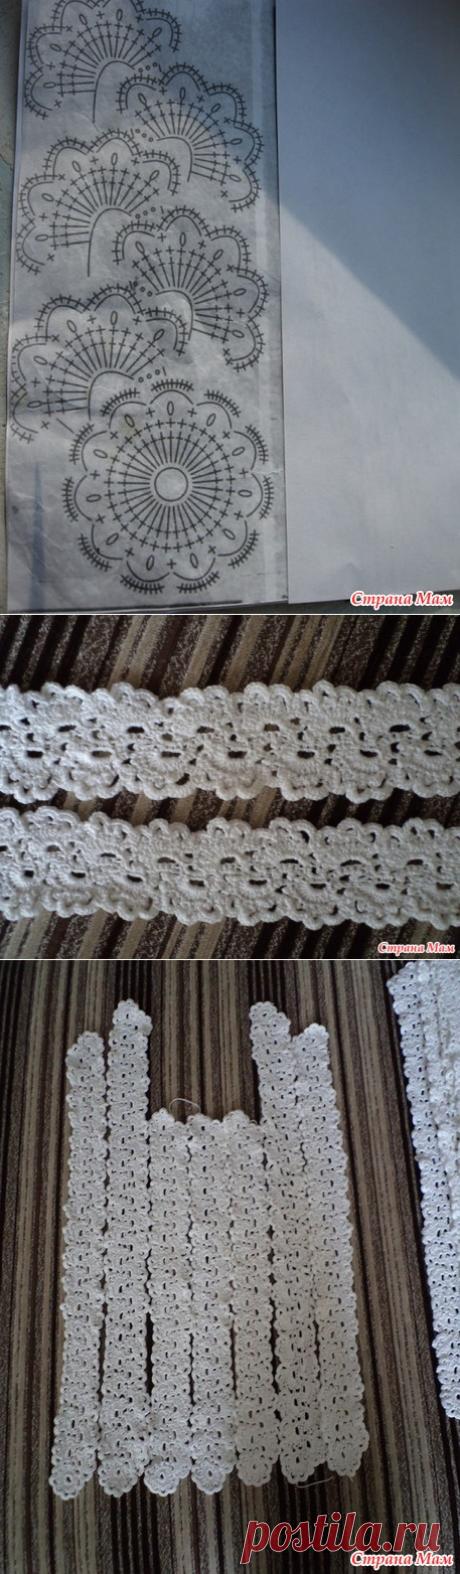 . Белый топ ленточным кружевом - Вязание - Страна Мам